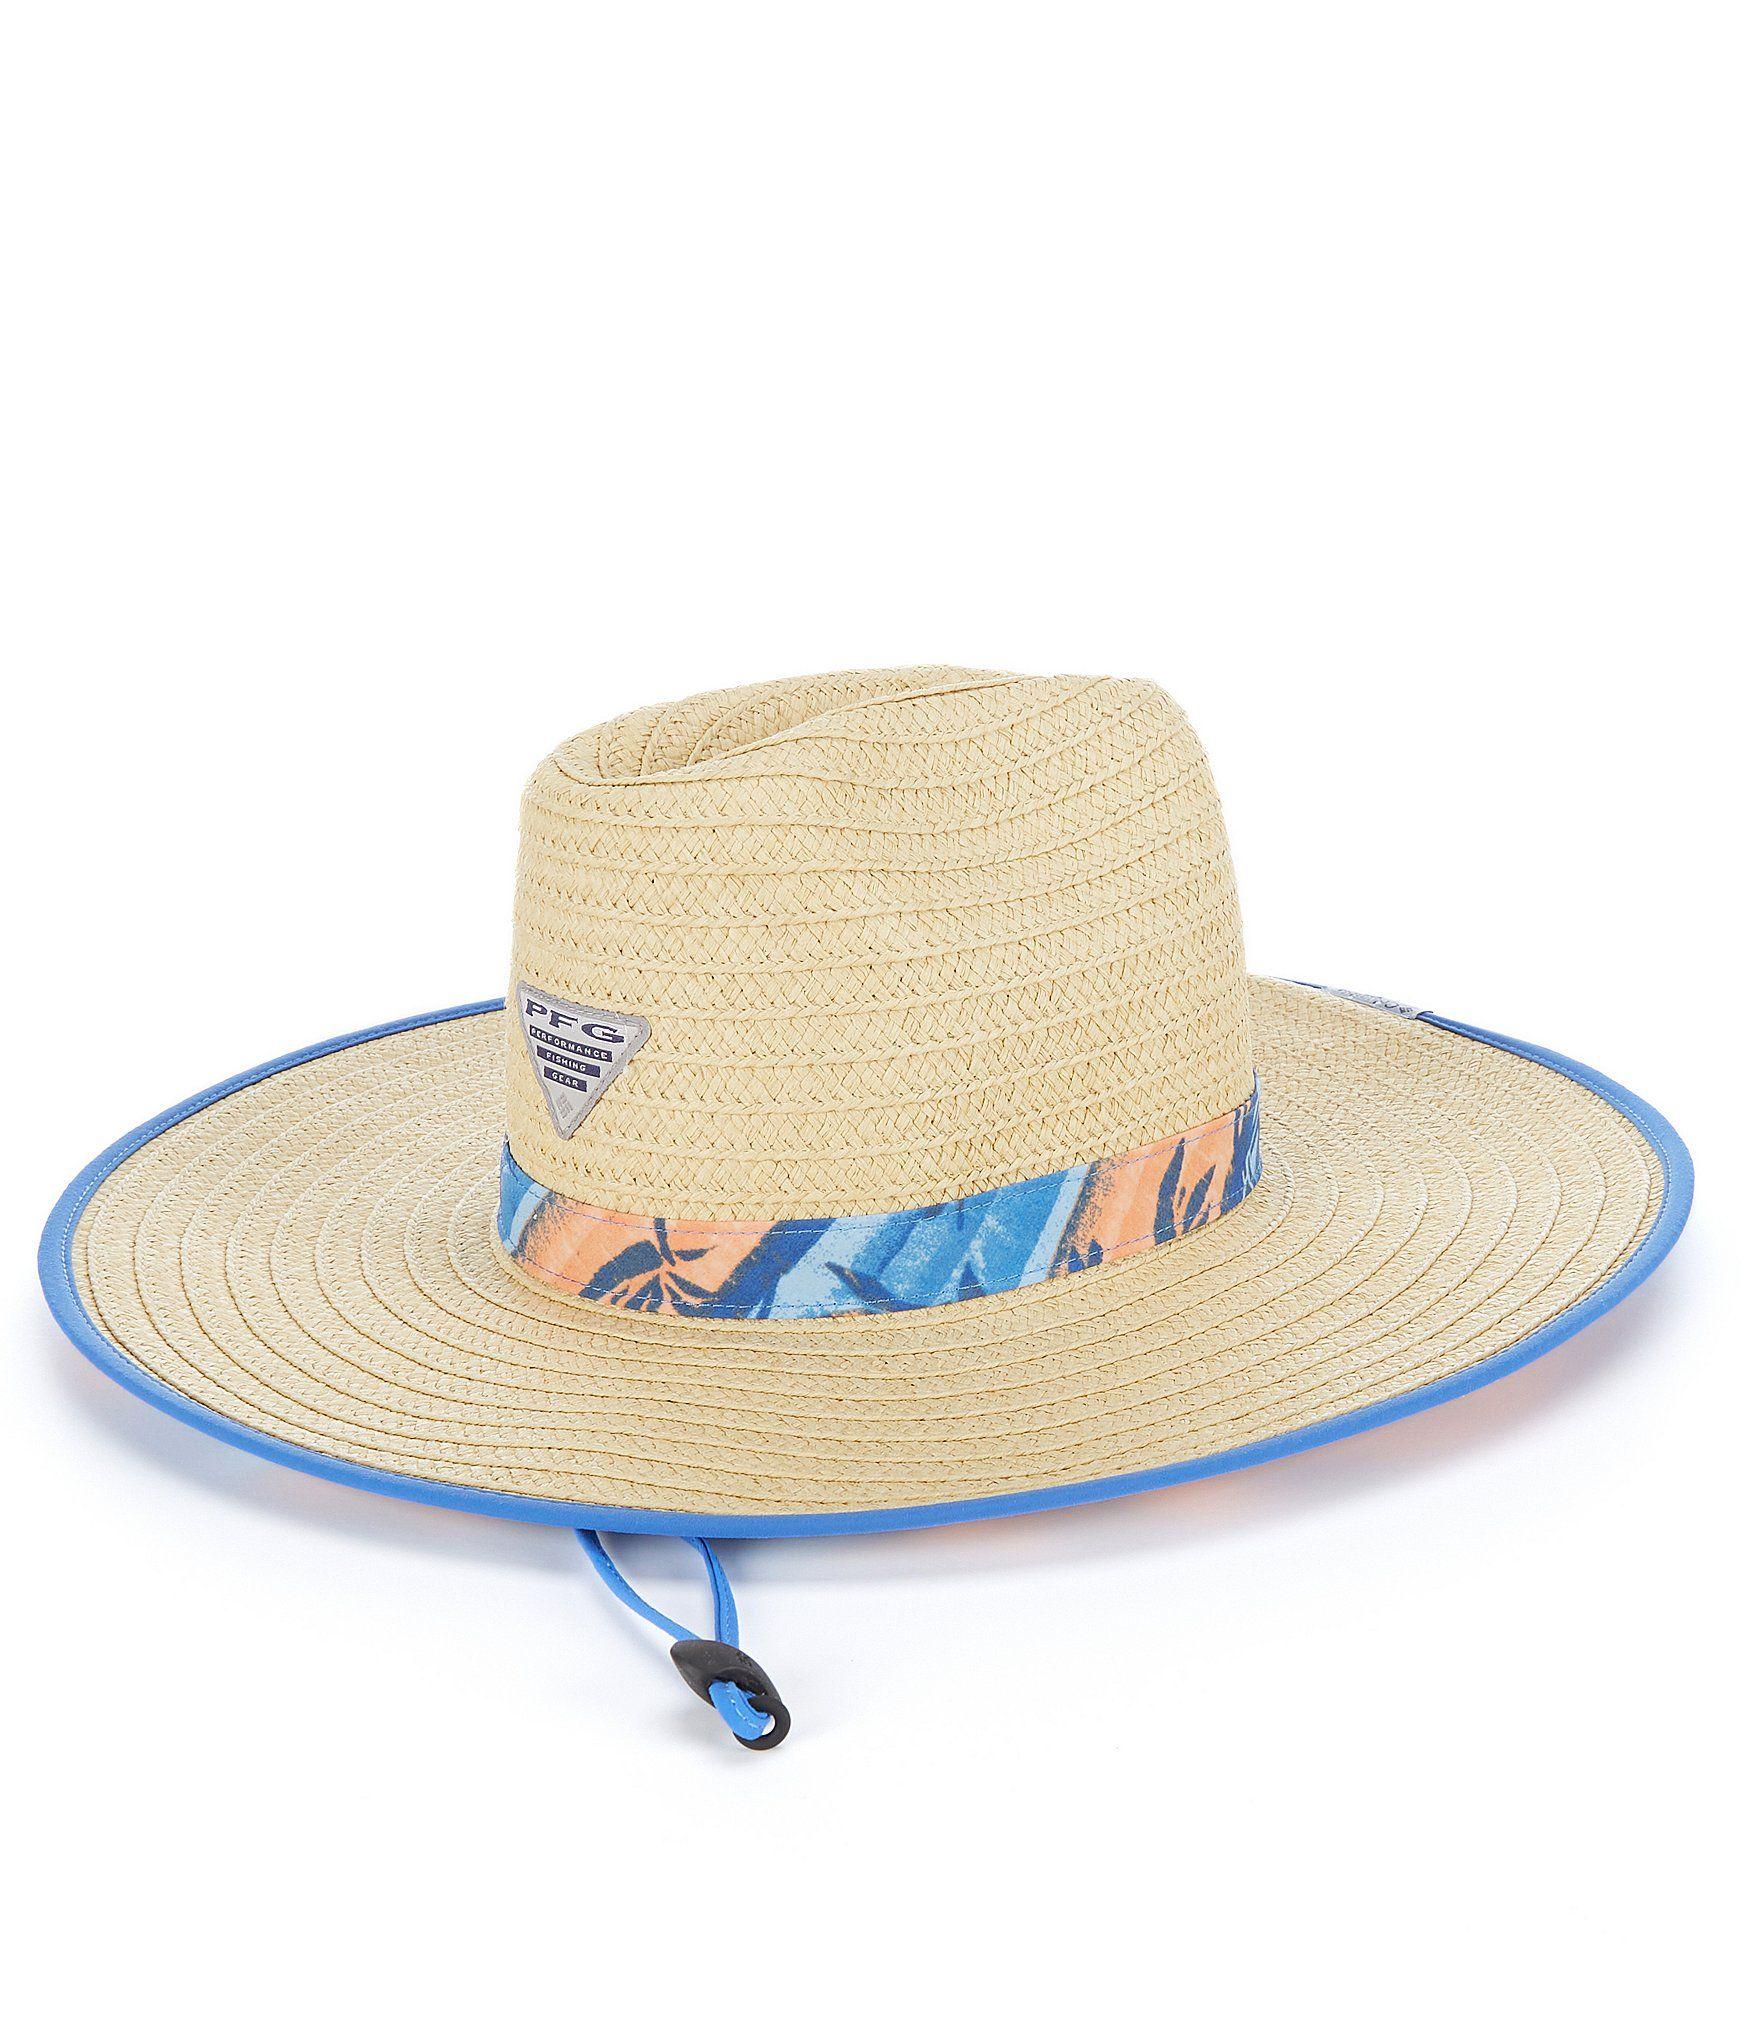 Columbia Pfg Baha Straw Hat Dillard S In 2021 Straw Hat Columbia Hats